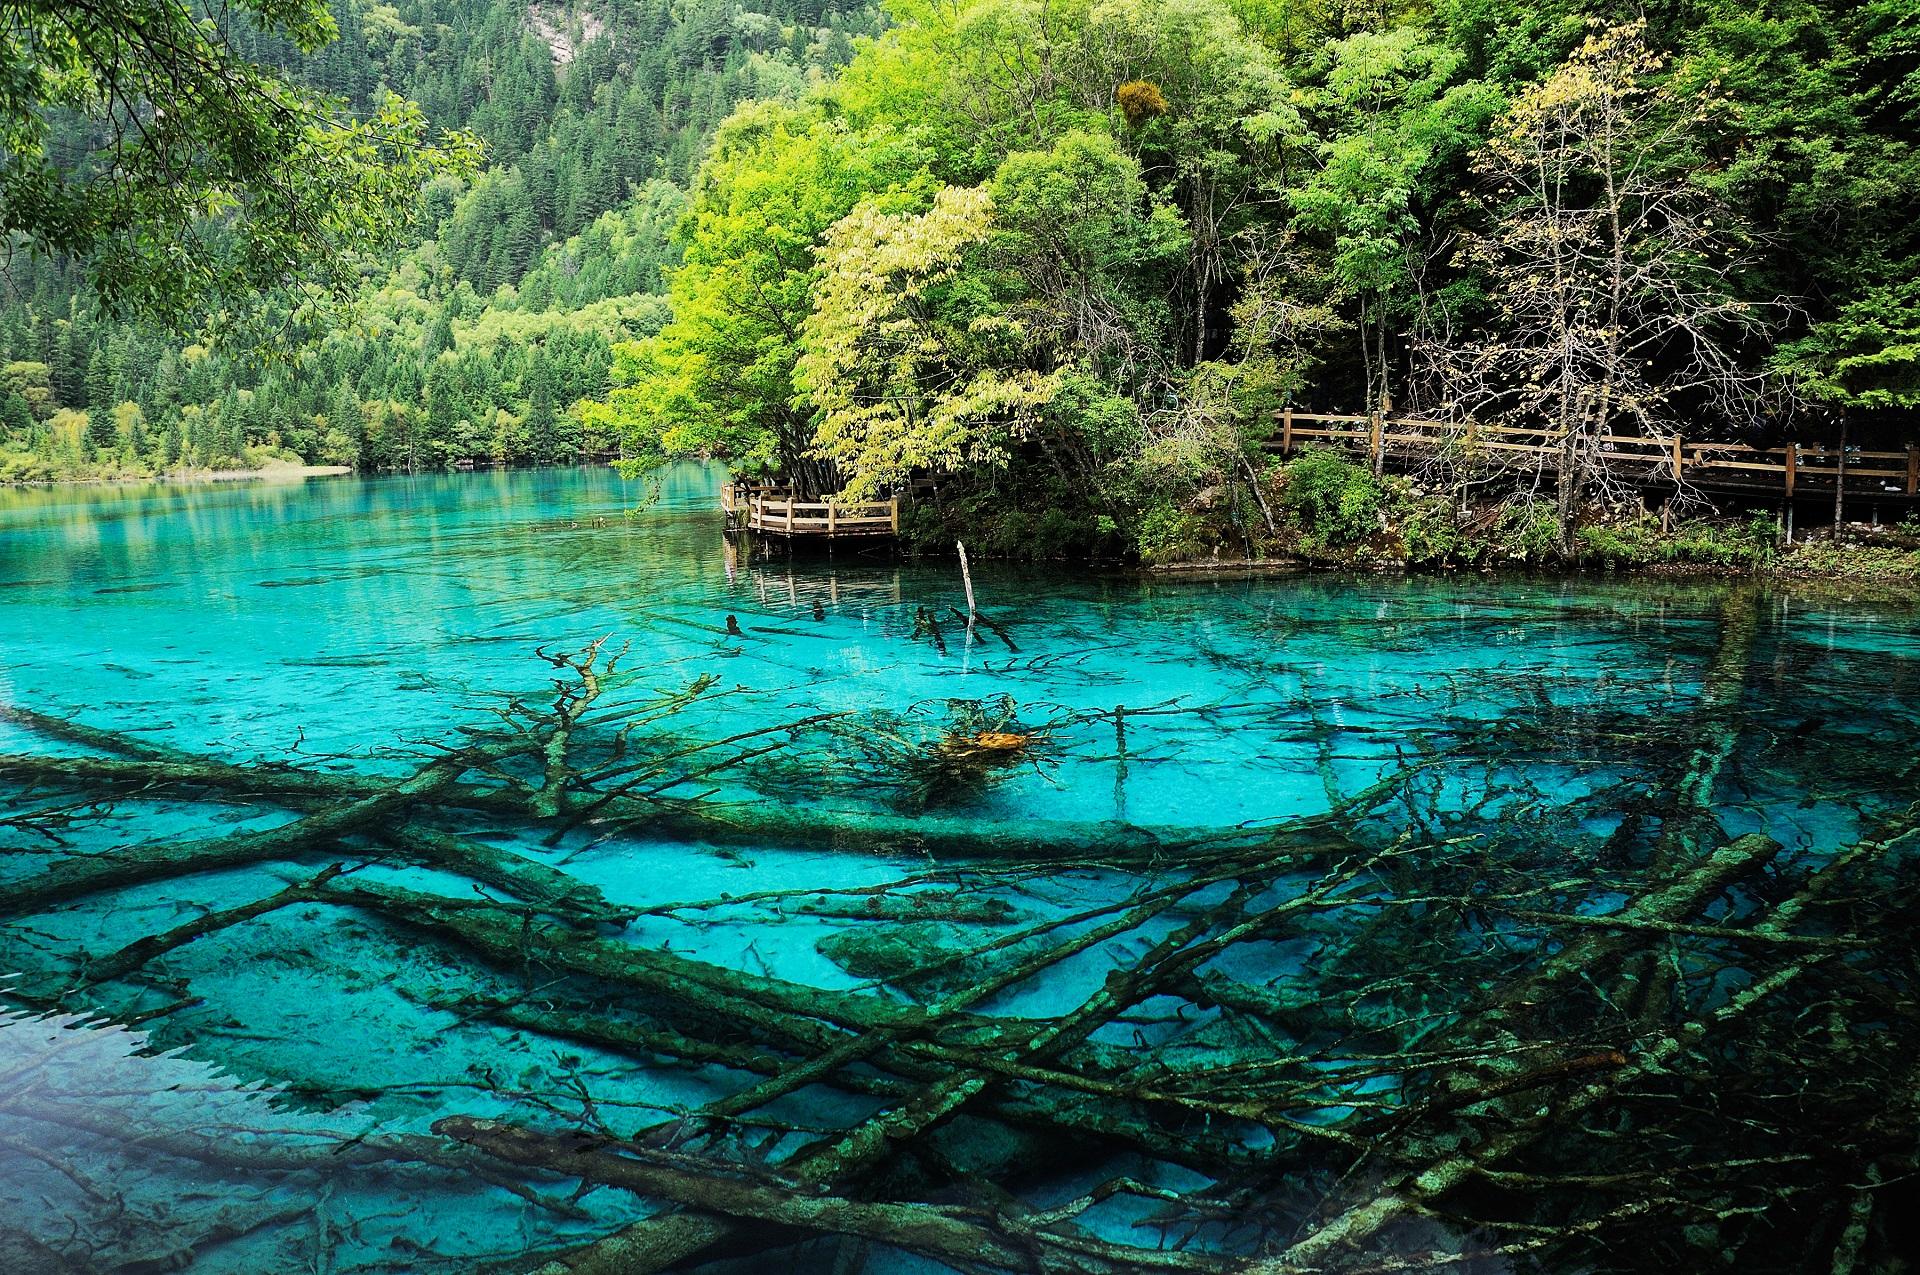 Im Jiuzhaigou-Park bekommt ihr faszinierende Berglandschaften, atemberaubende Seen mit einem Farbspiel der Extraklasse und absolut beeindruckende Wasserfälle zu sehen.